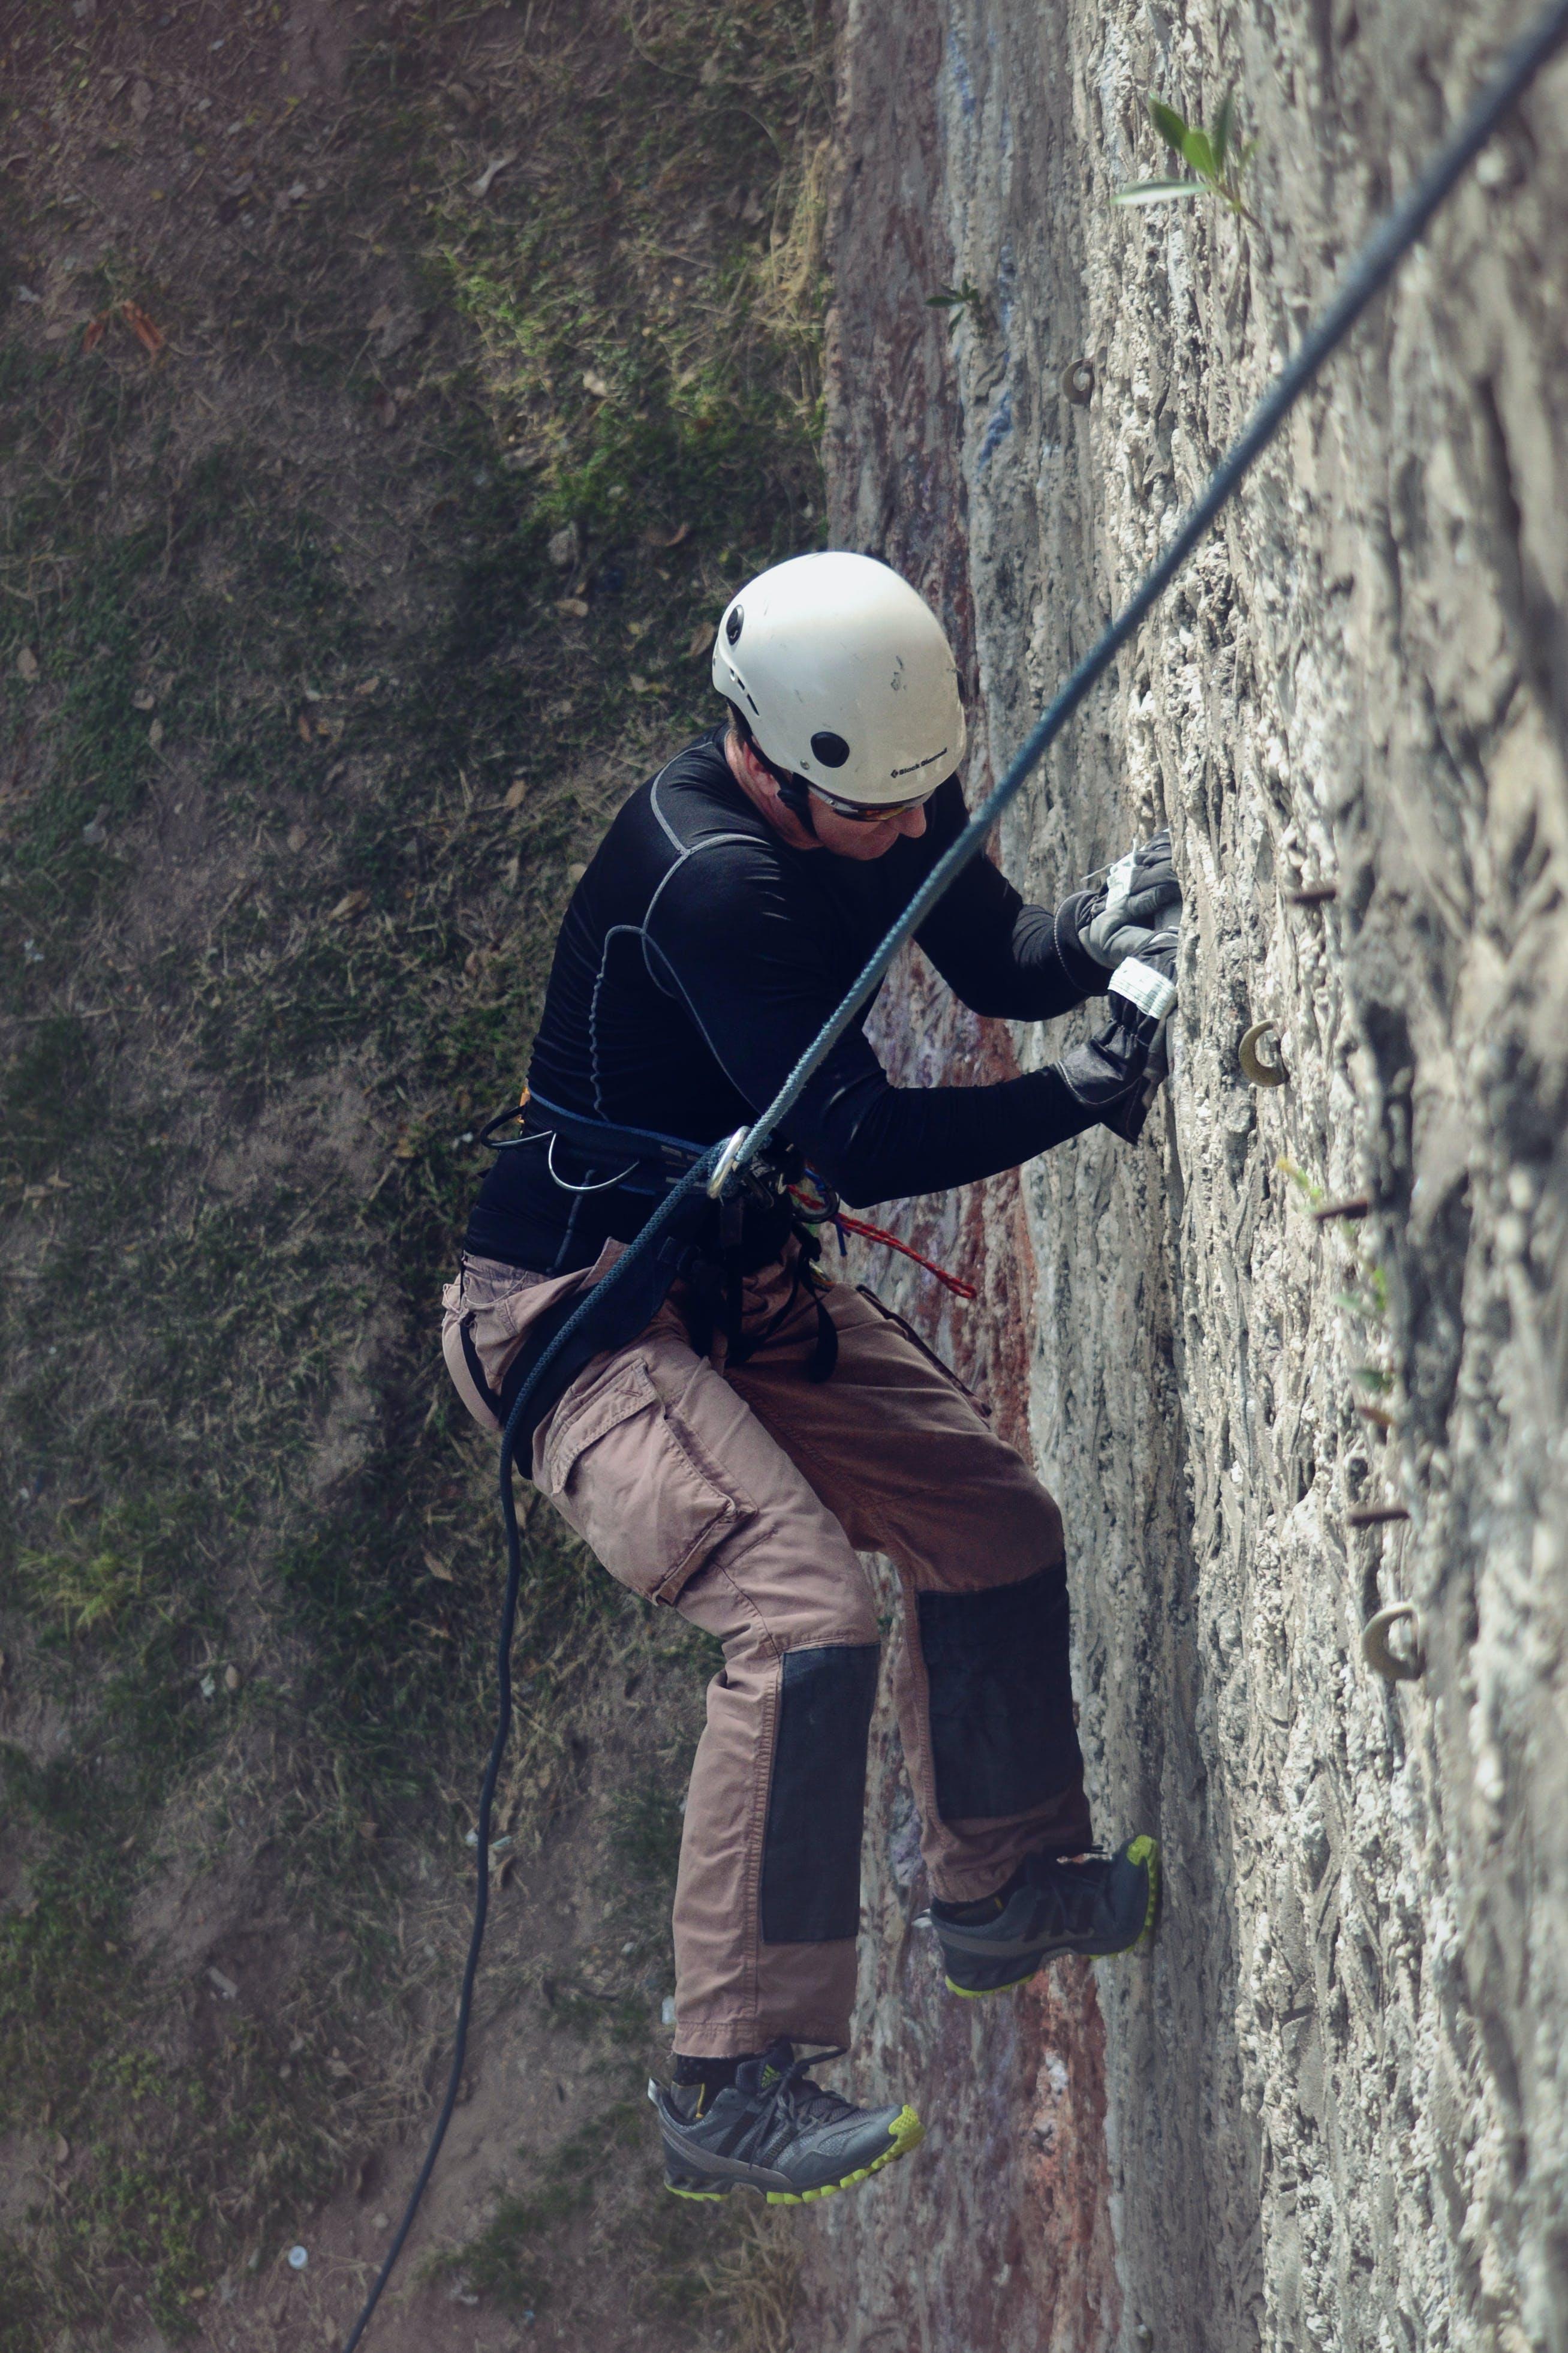 Ilmainen kuvapankkikuva tunnisteilla urheilu, vuorikiipeilijä, vuorikiipeily